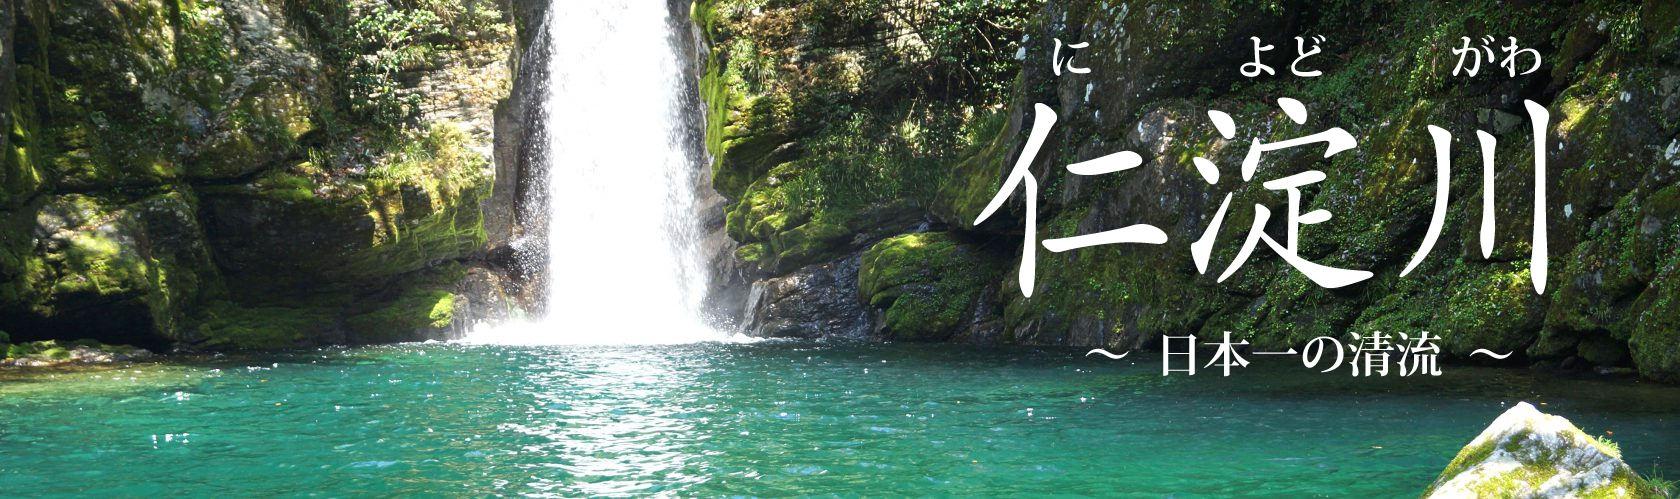 仁淀川(によどがわ)〜日本一の清流